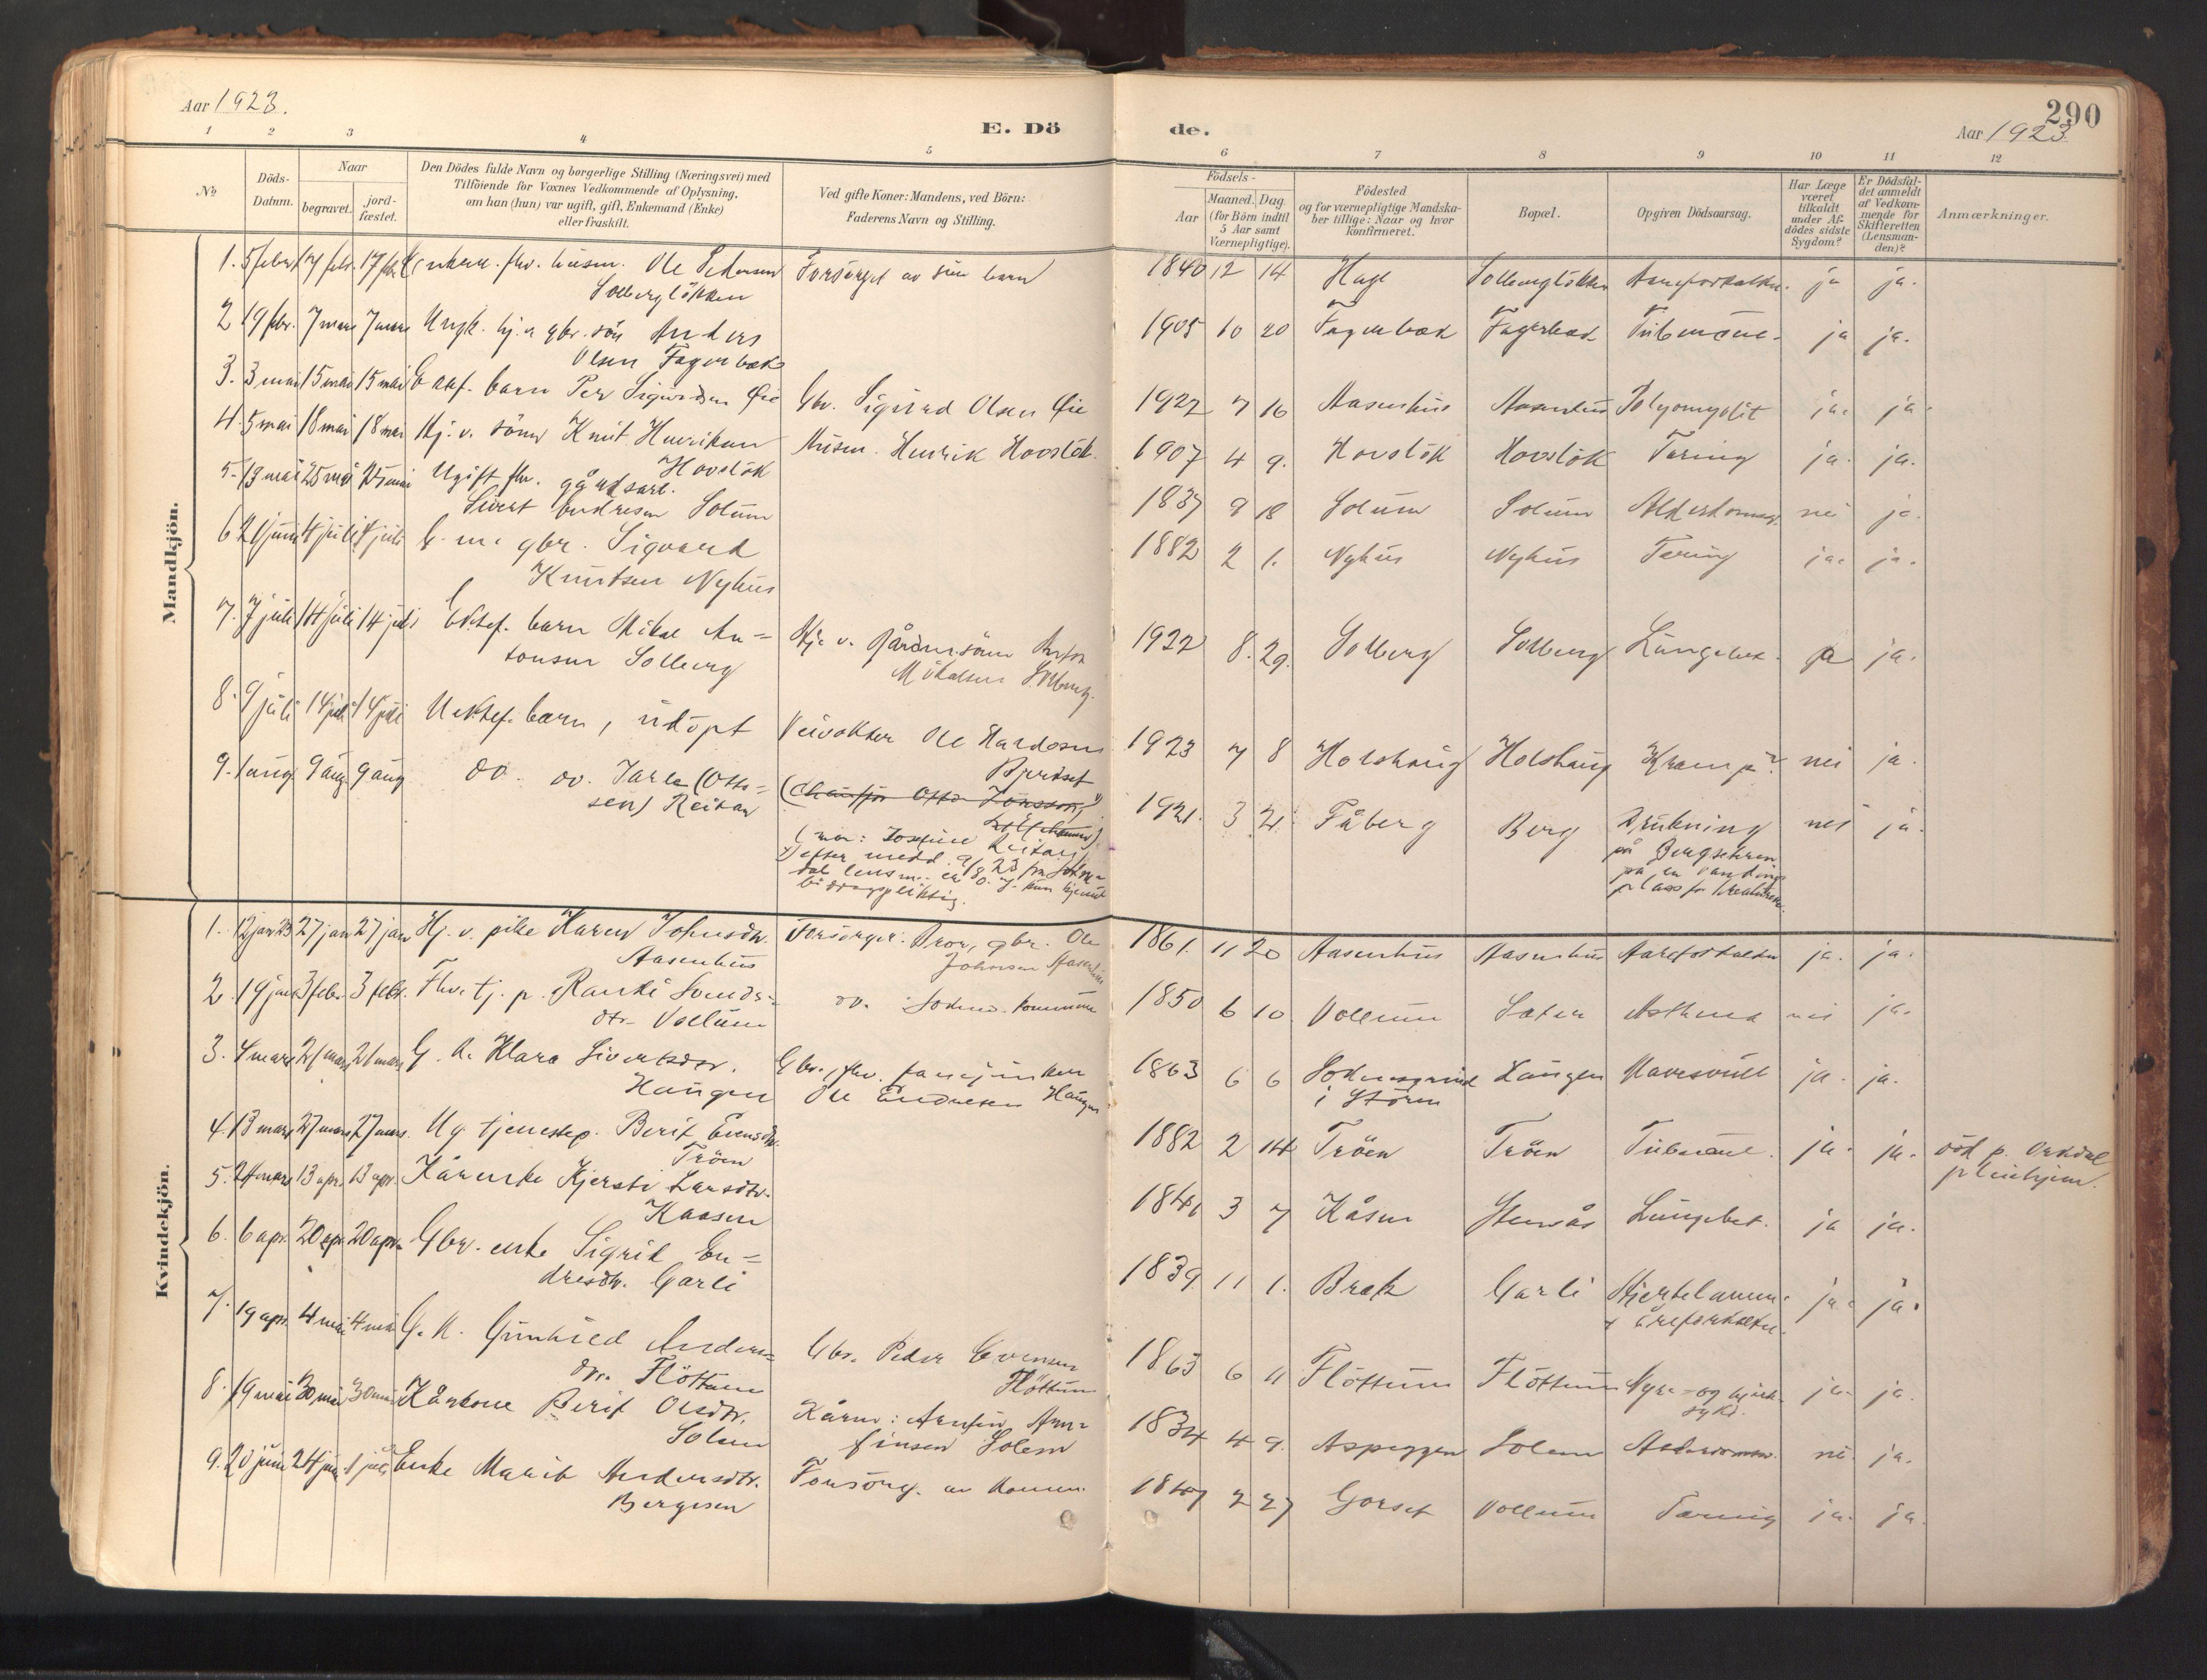 SAT, Ministerialprotokoller, klokkerbøker og fødselsregistre - Sør-Trøndelag, 689/L1041: Ministerialbok nr. 689A06, 1891-1923, s. 290